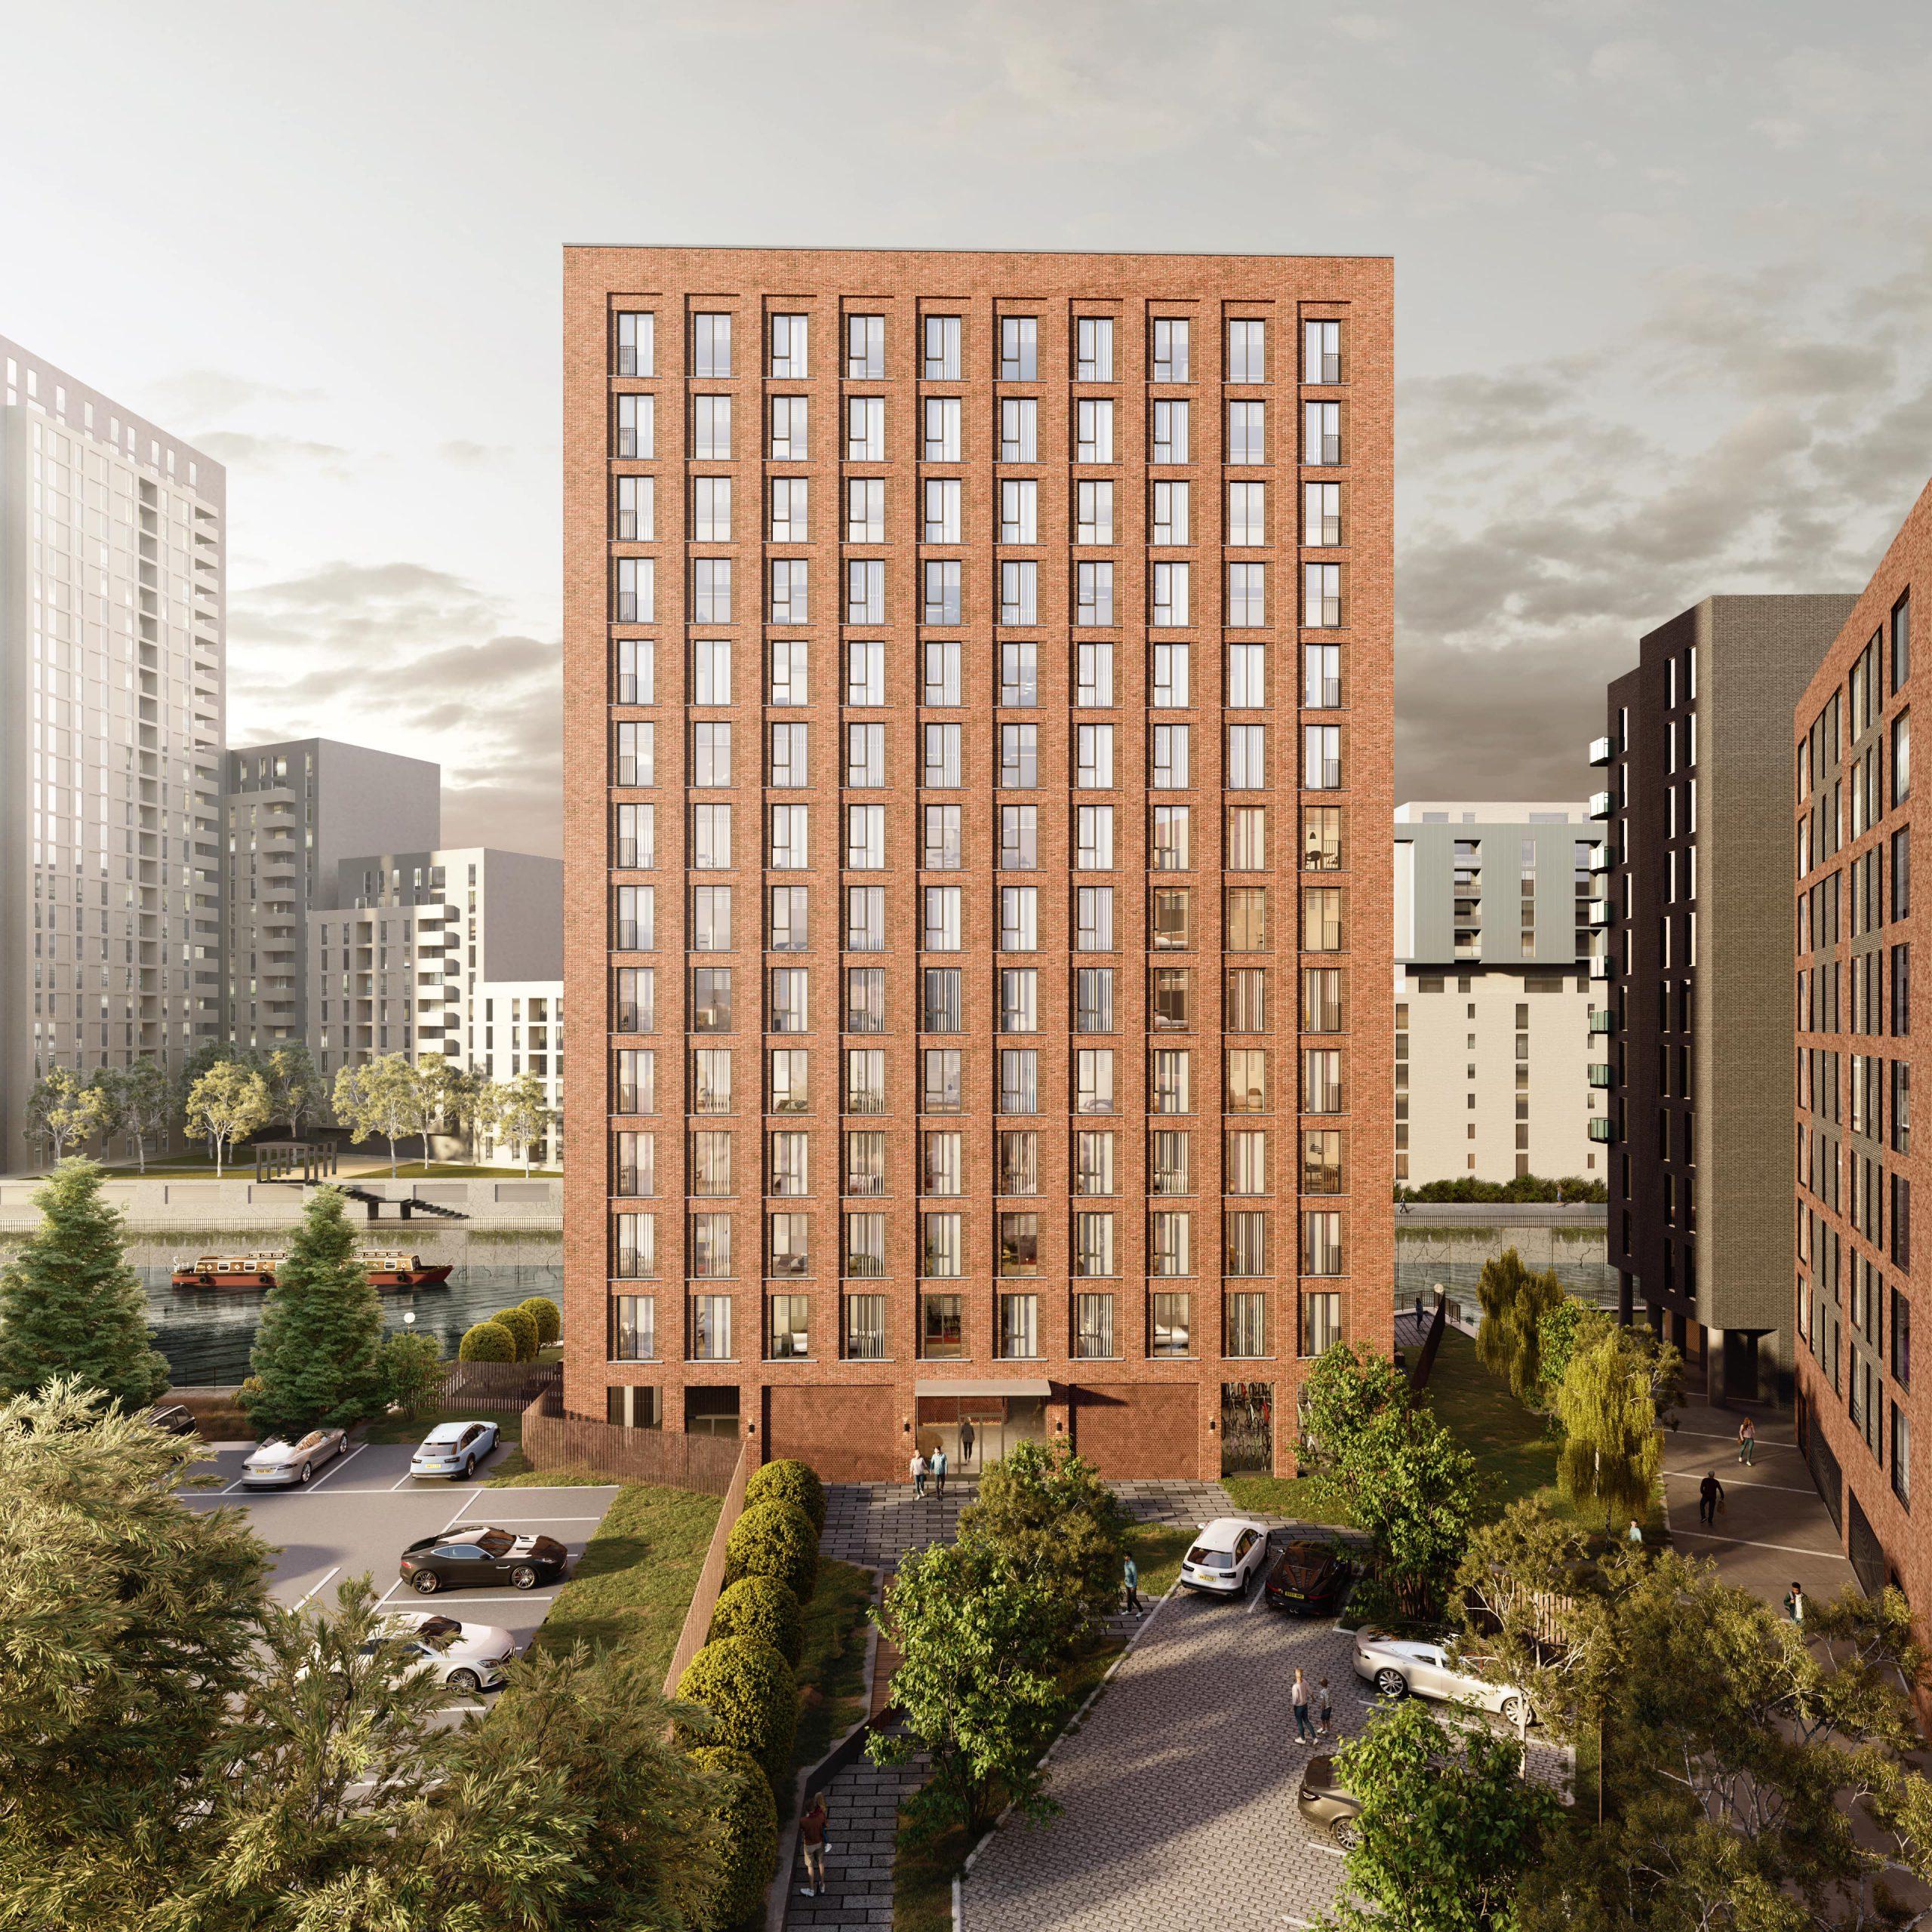 FORSHAW_DERWENT__Riveside_Plaza_Salford_manchester_architectural_visualisation_4